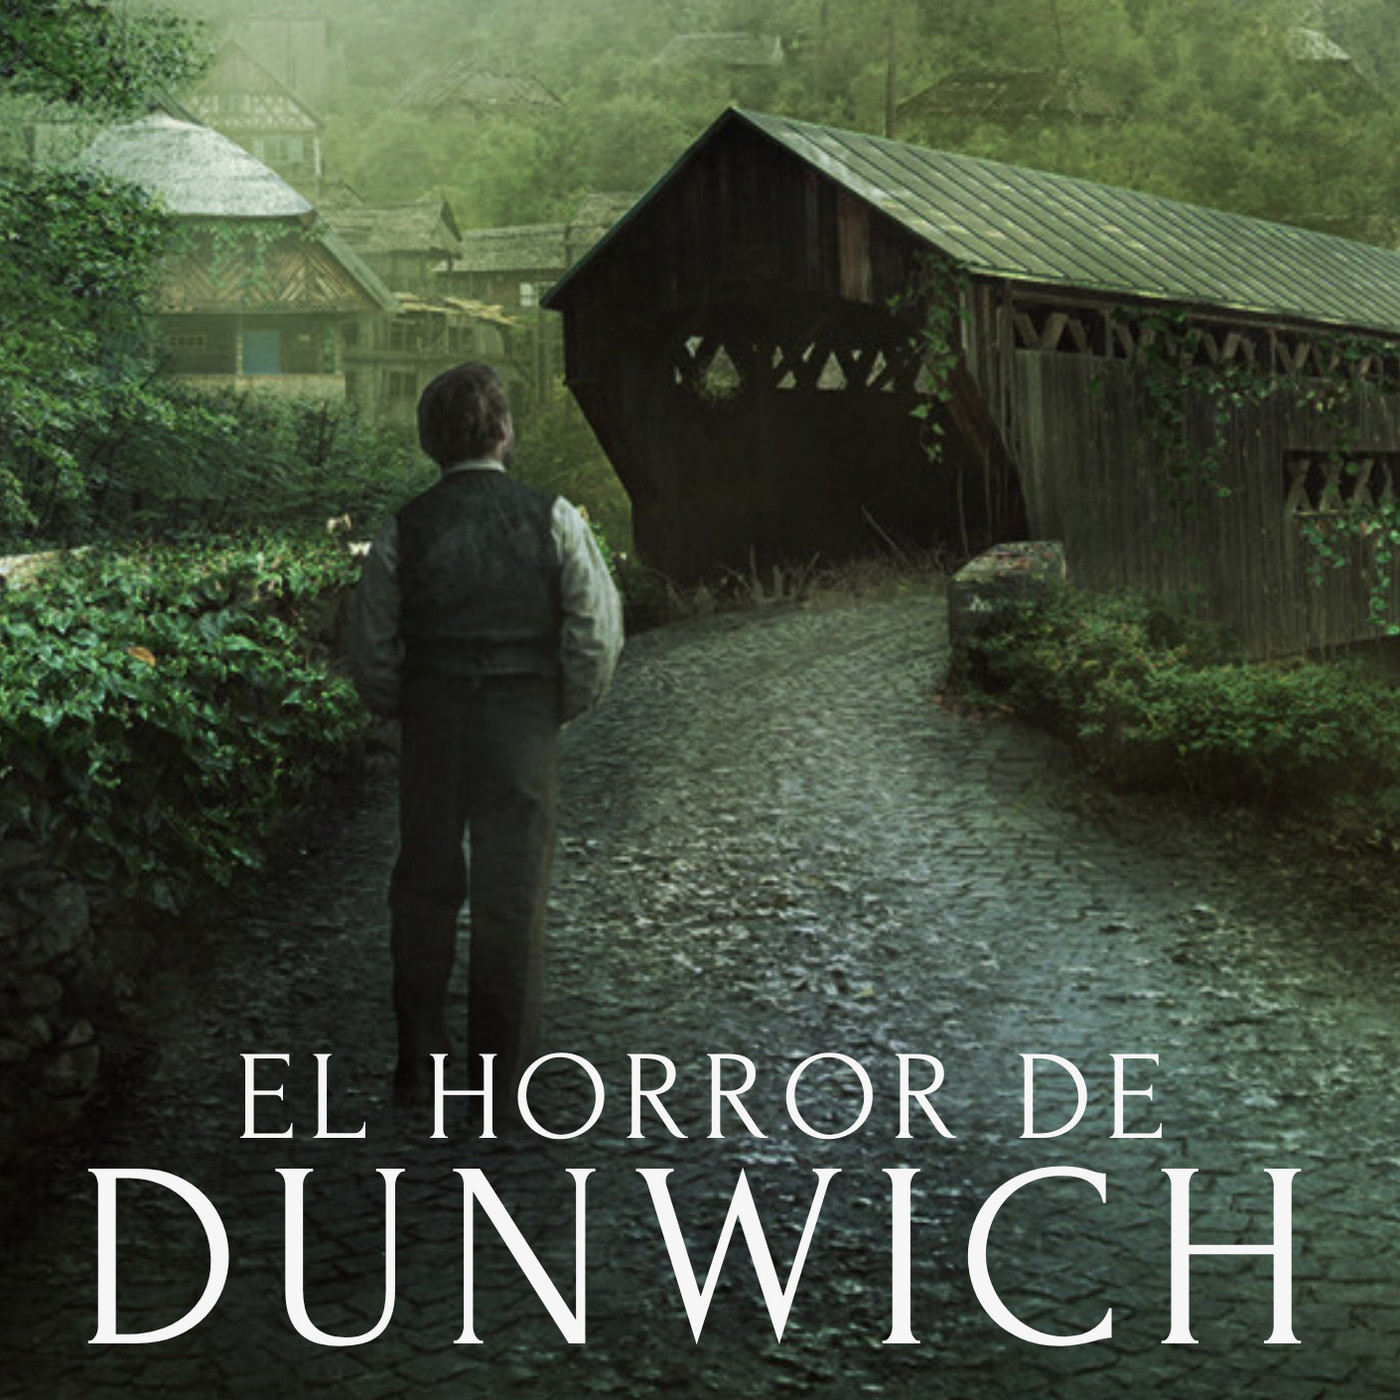 El Horror de Dunwich, de H.P. Lovecraft (Episodio 1 de 10)